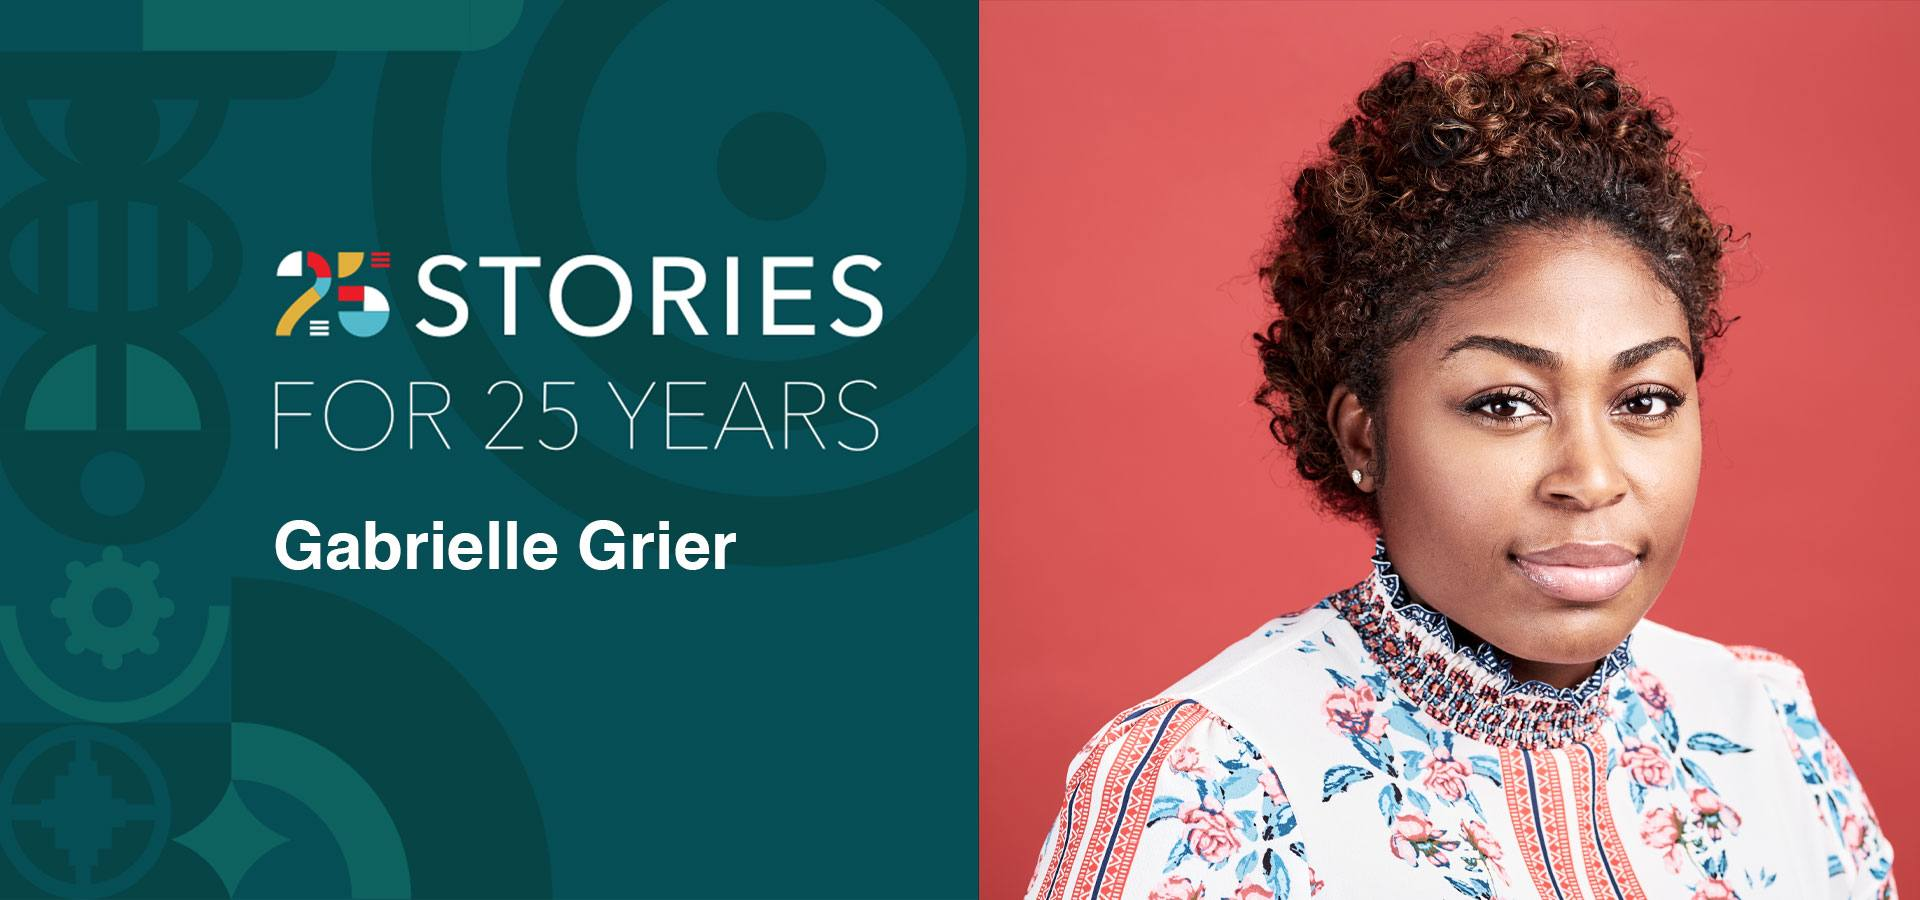 Gabrielle Grier: 25 Stories